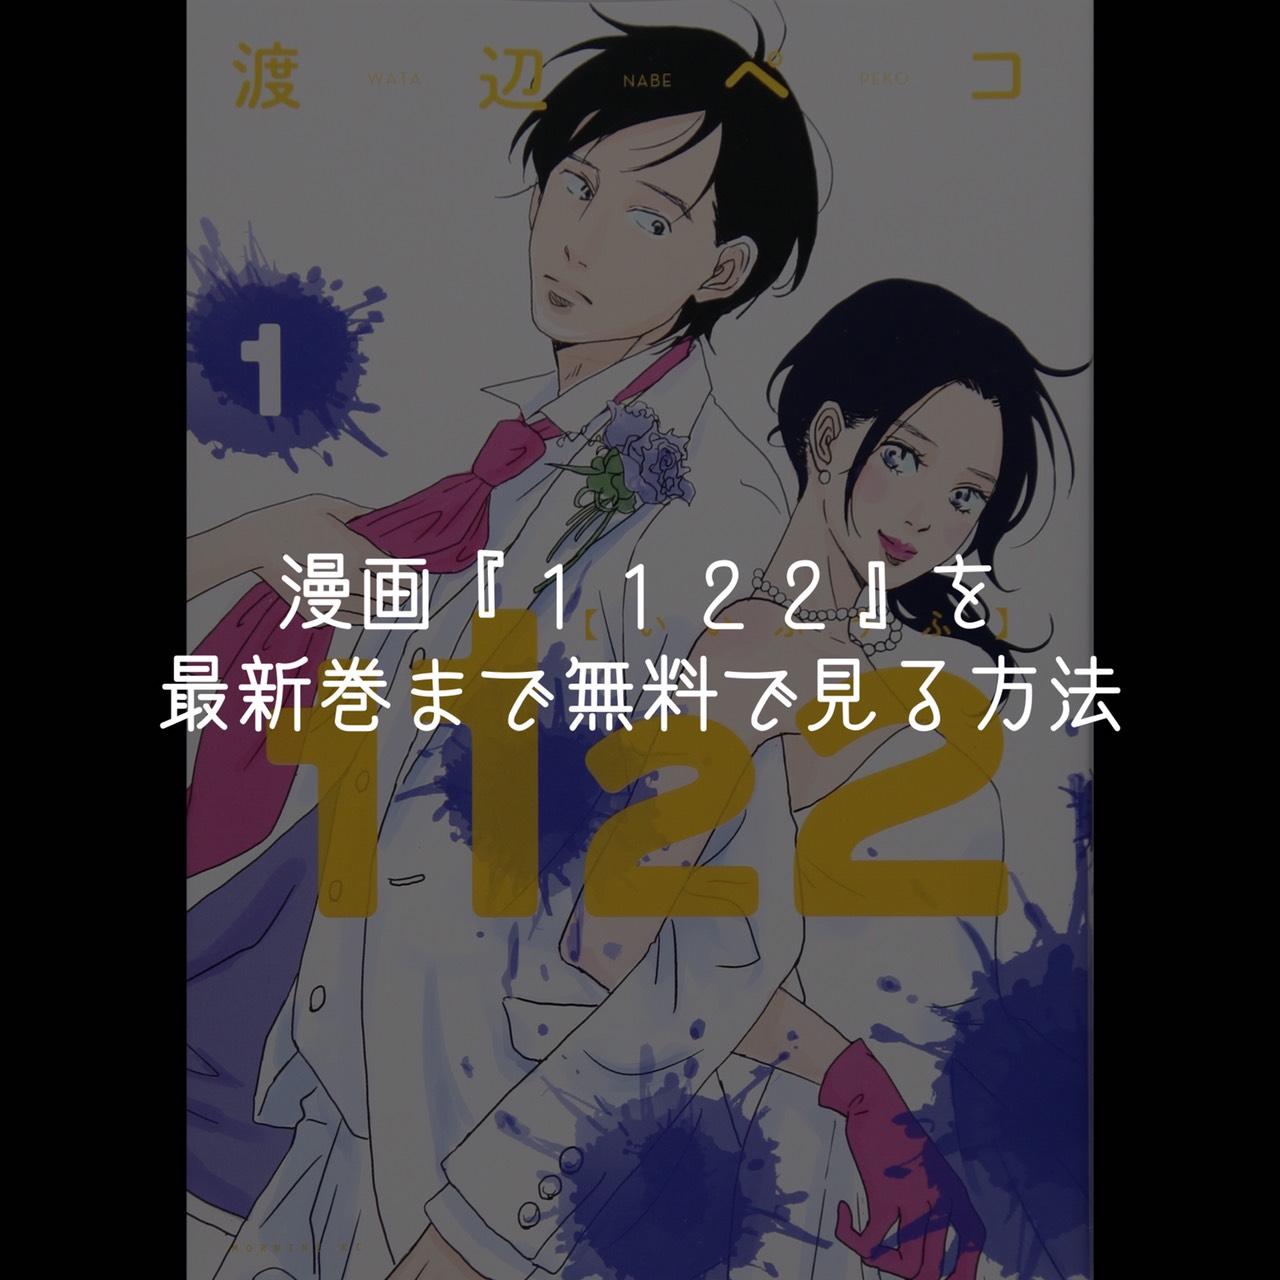 漫画 バンク 五等分の花嫁